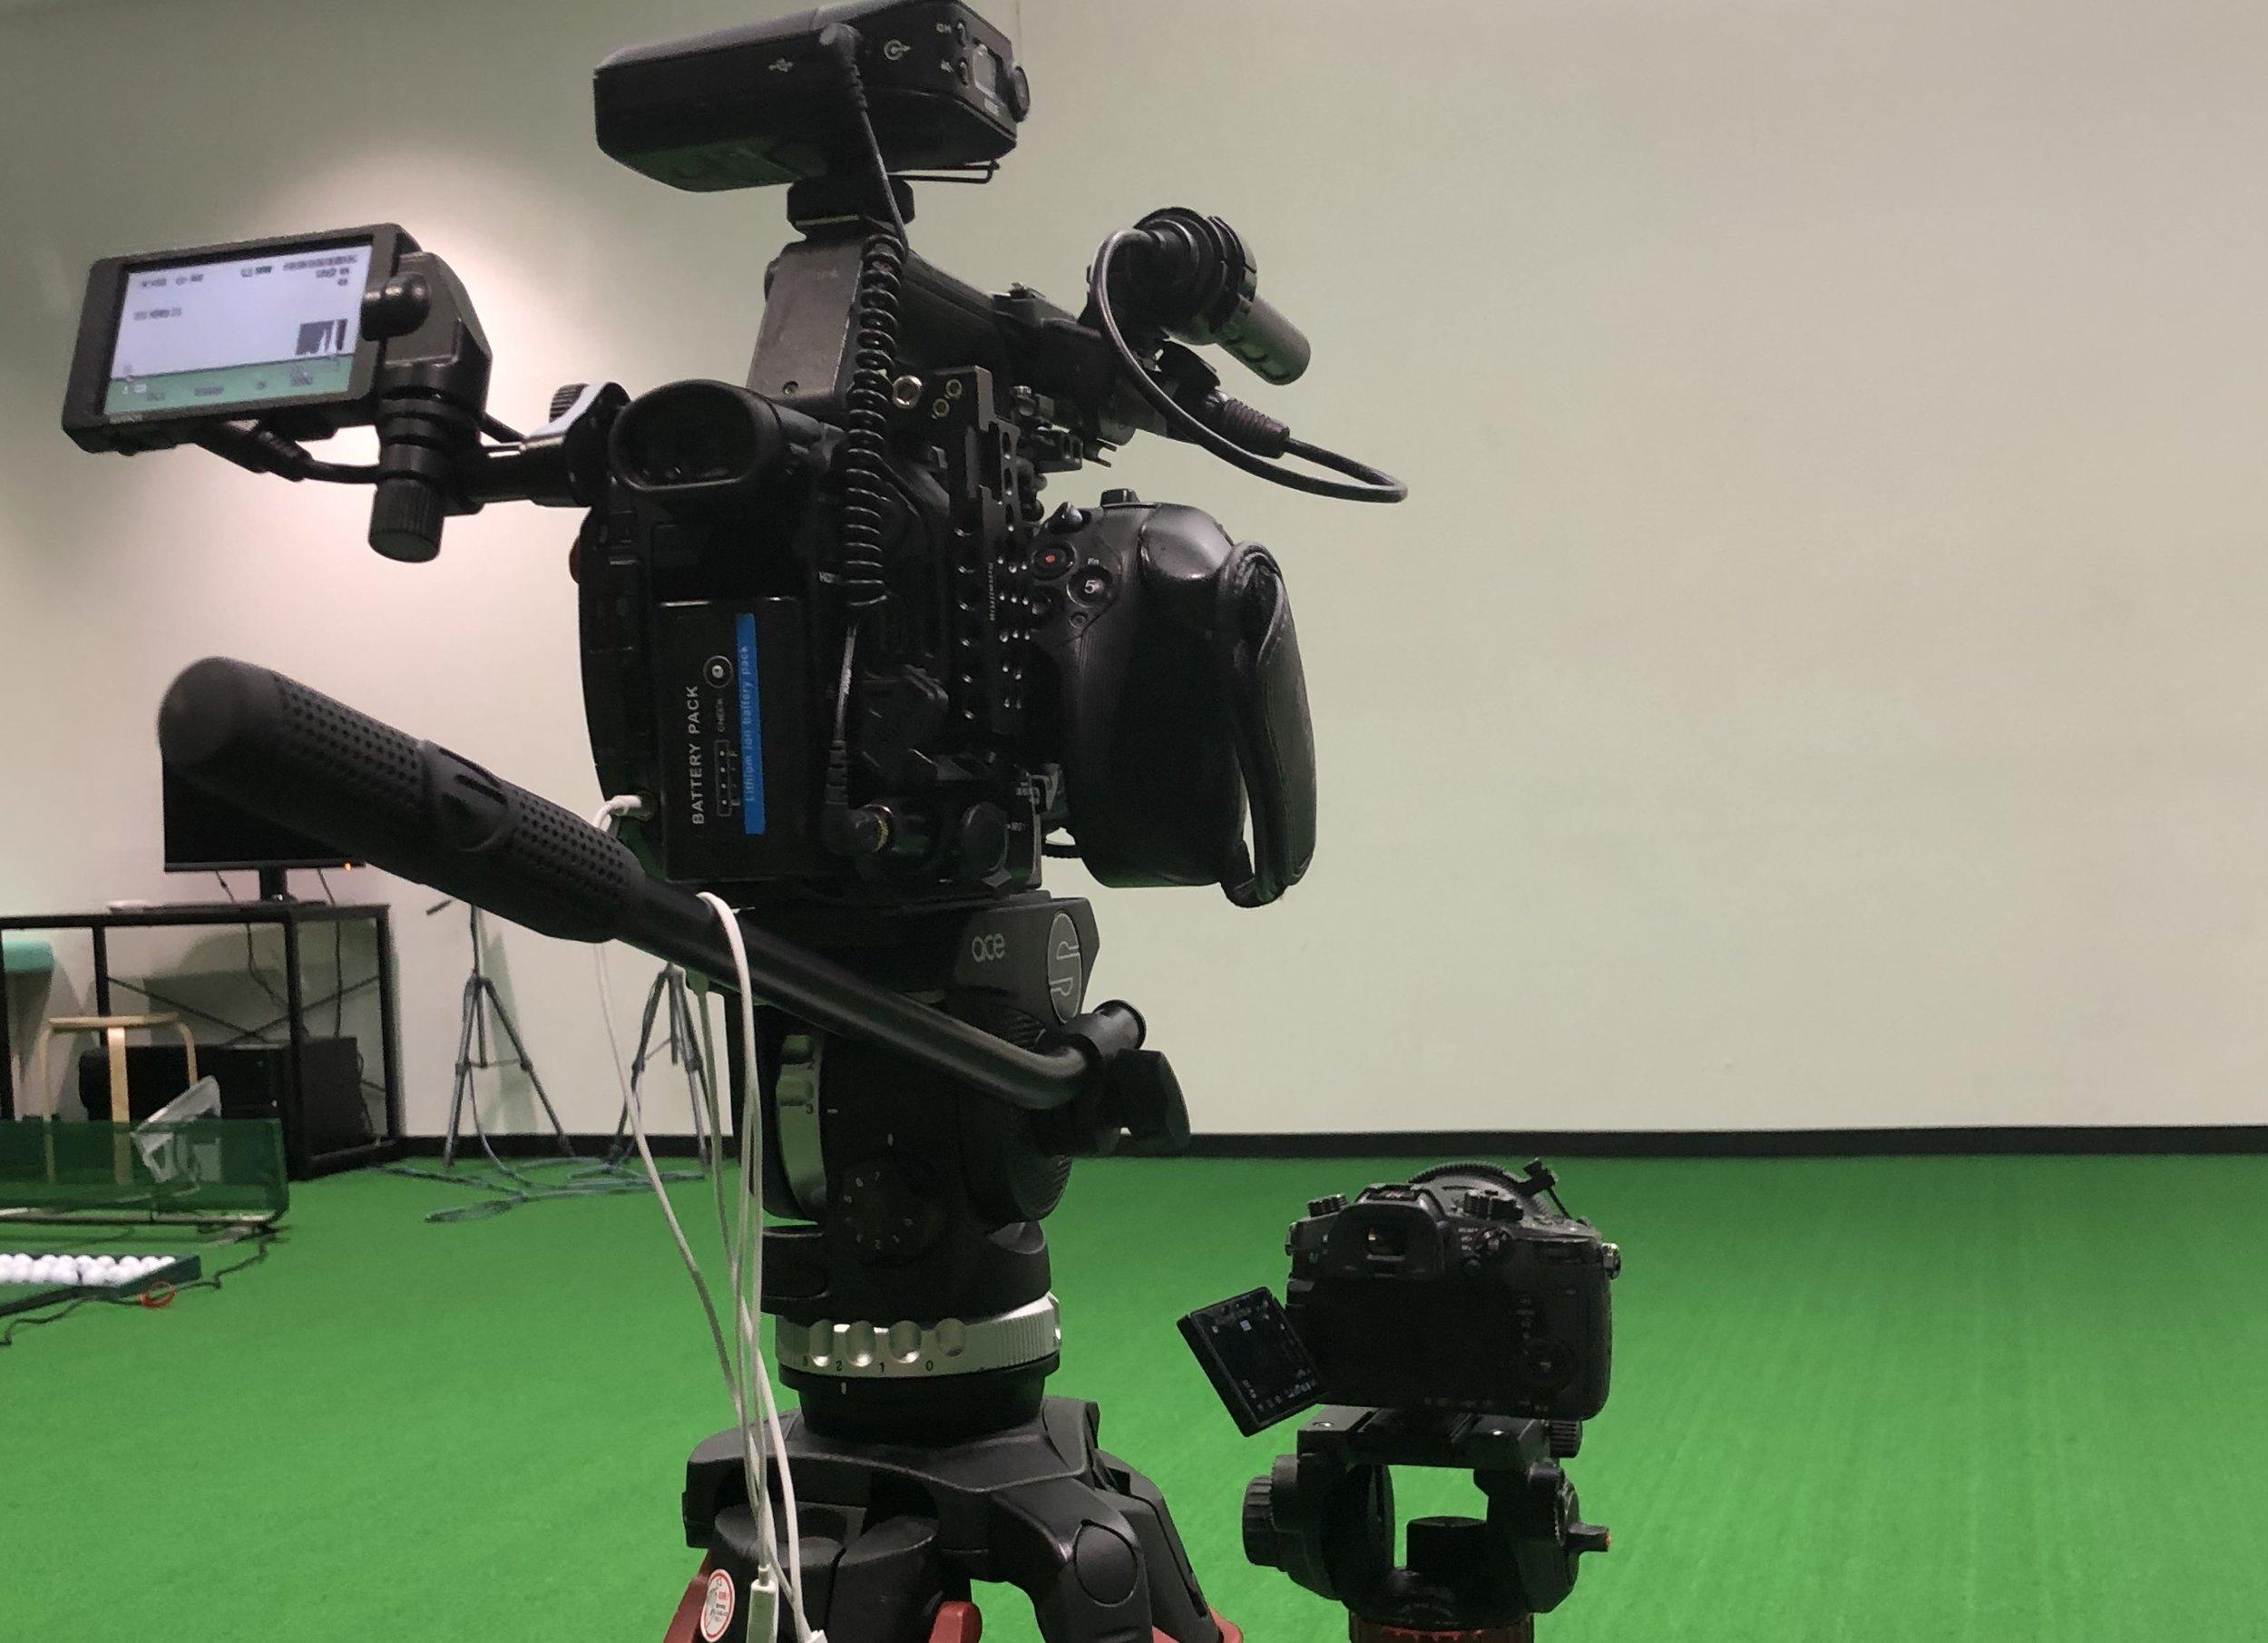 撮影&映像制作 - 個人撮影の依頼から、雑誌・広告およびグラビア撮影の業務を請け負います。